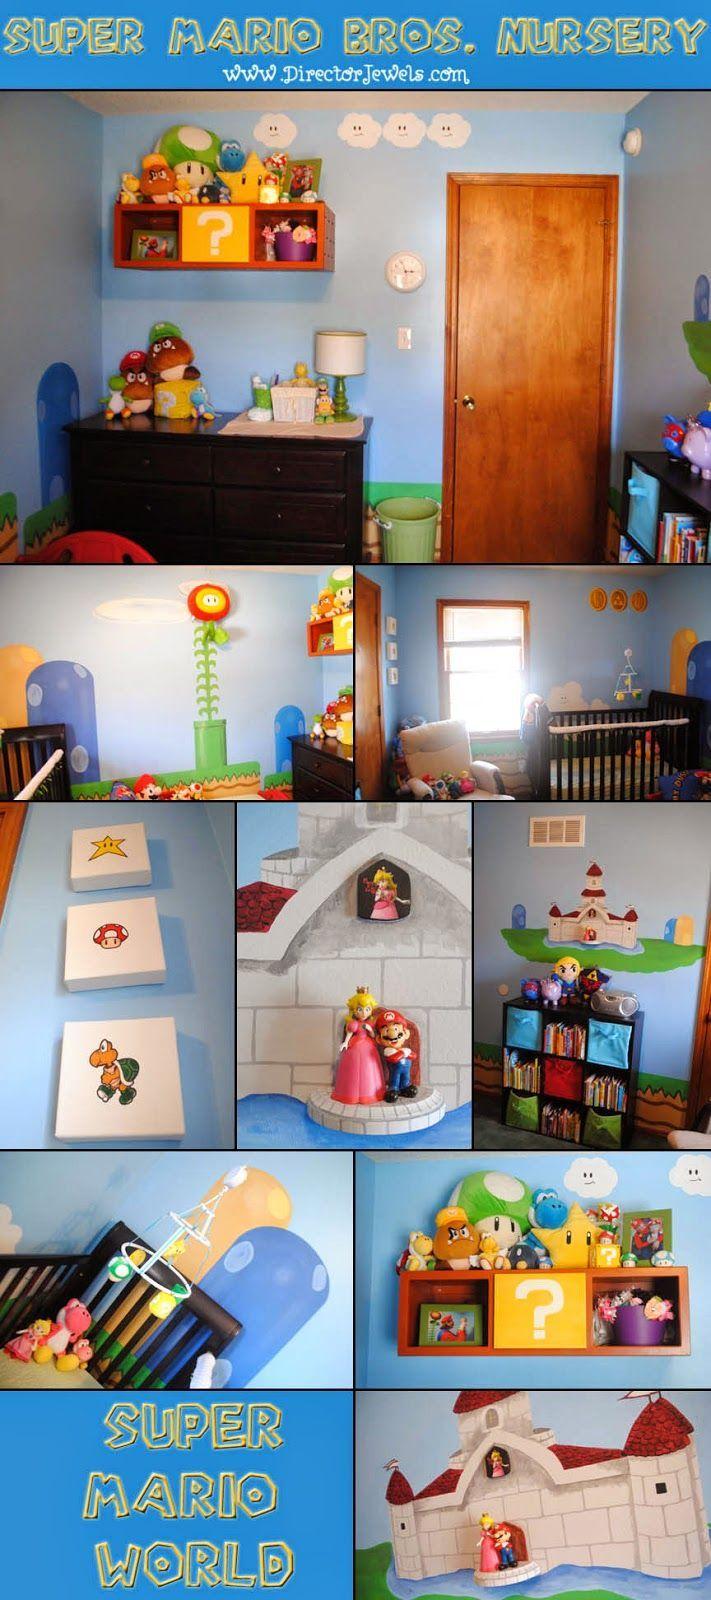 Mario Nursery Inspiration at directorjewels.com Super Mario Bros, Nintendo Theme DIY Decor and Ideas #Nintendo #SuperMarioBros